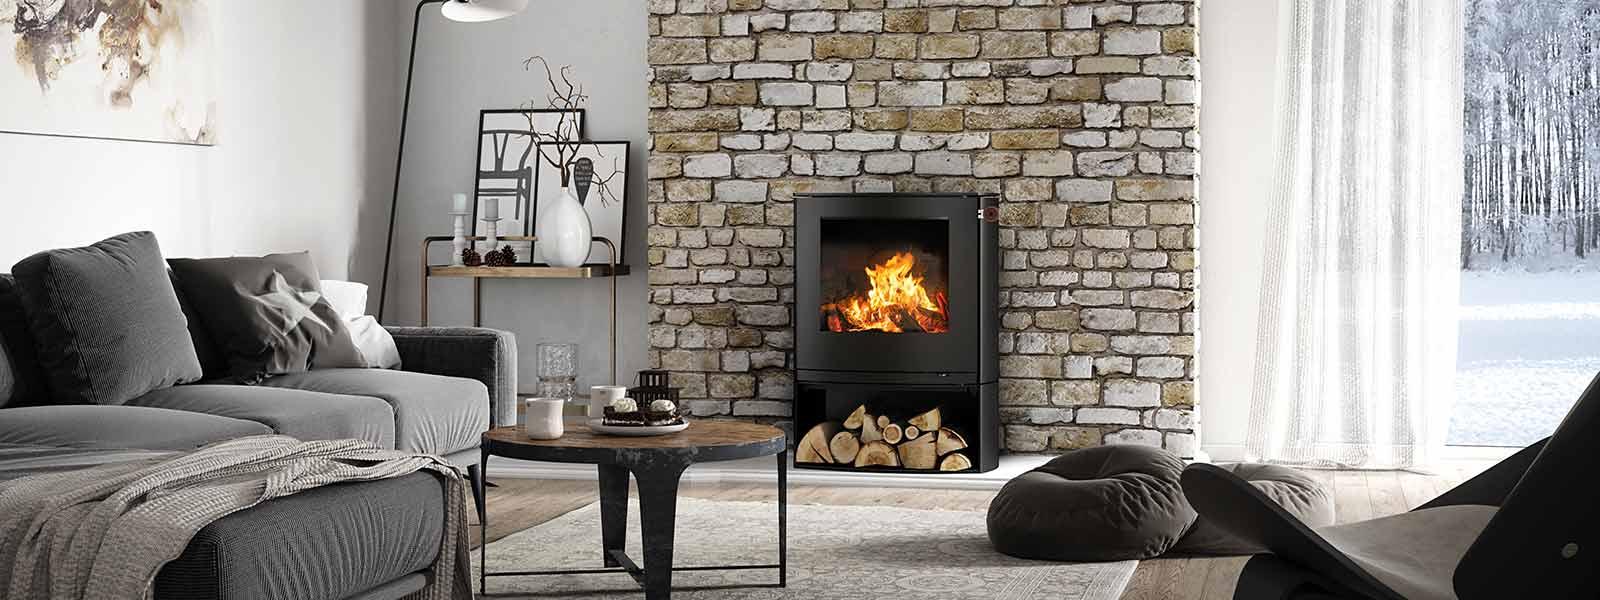 kaminofen q tee 2 c ein eleganter ofen mit heissen kurven. Black Bedroom Furniture Sets. Home Design Ideas